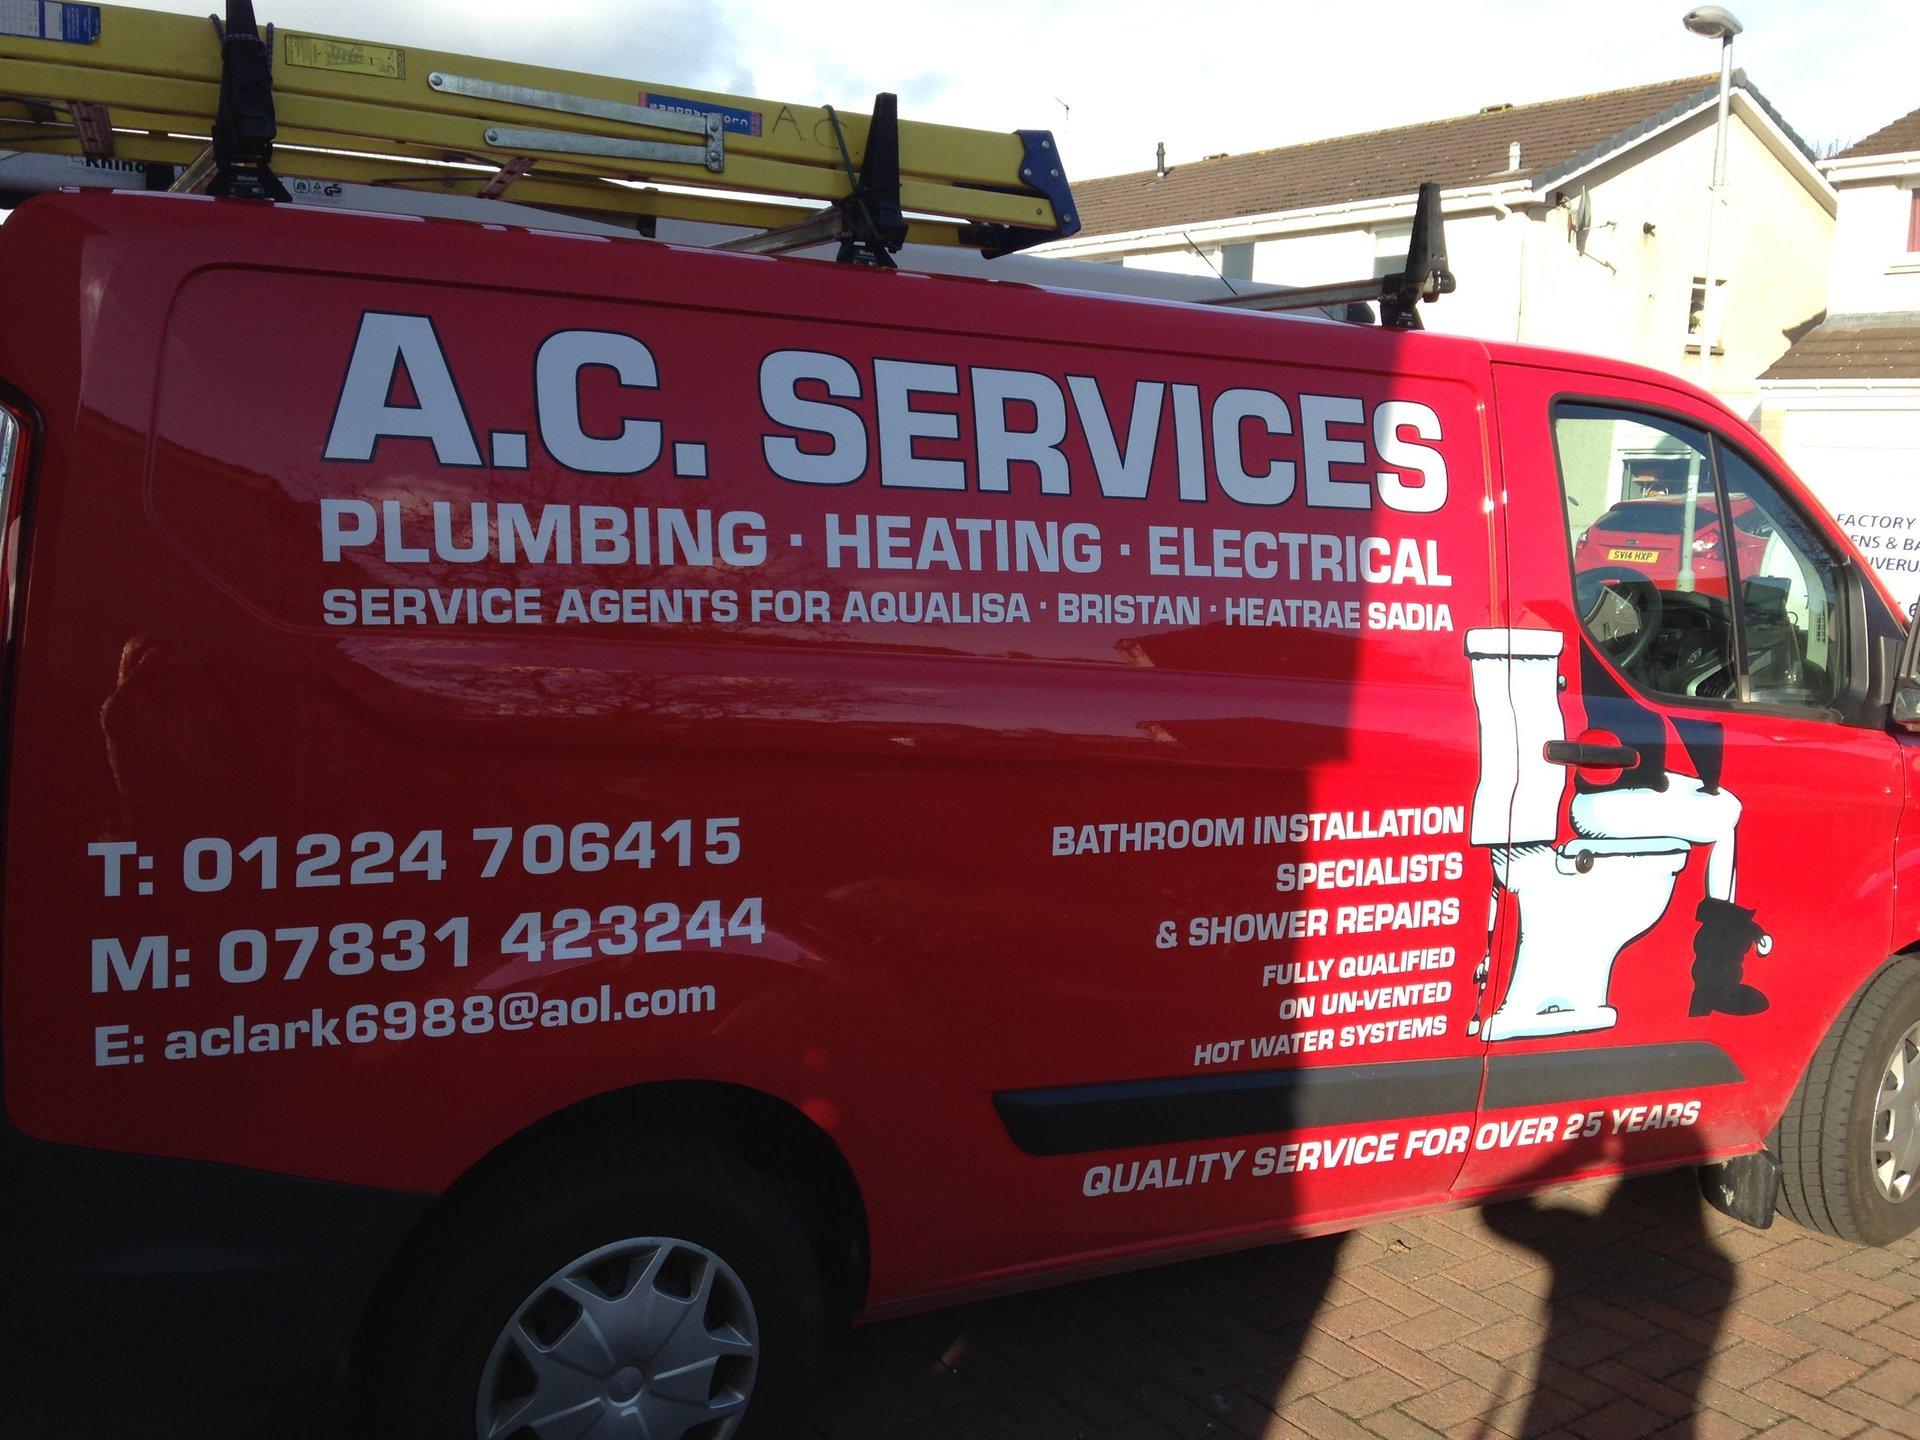 A.C services vehicle